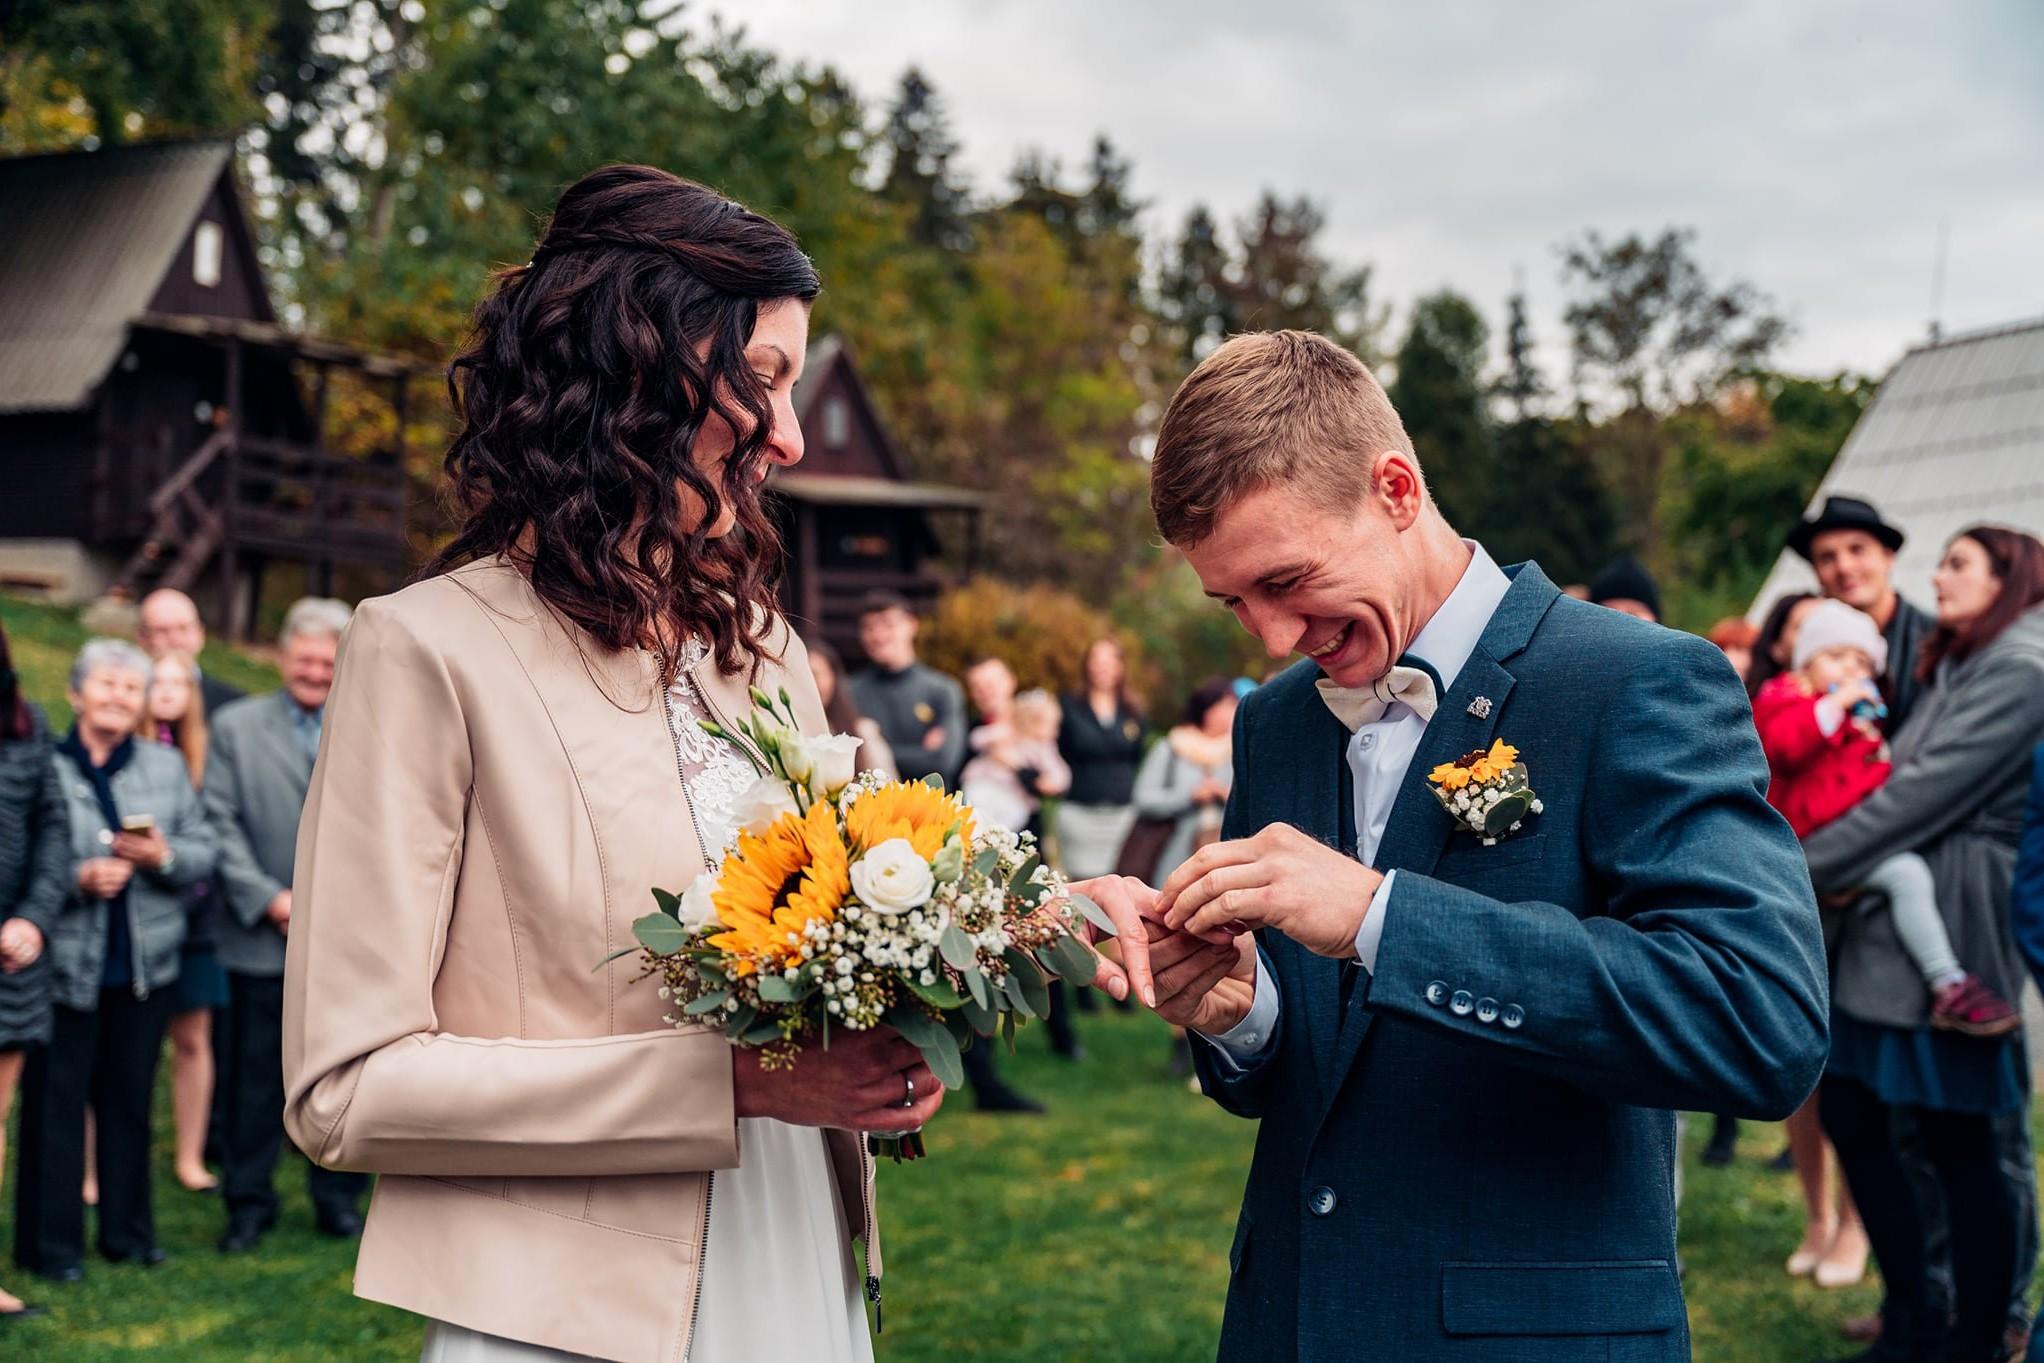 svatba v českém ráji, svatba v prachovských skalách, svatba český ráj, svatba prachovské skály, svatba, prachovská osma